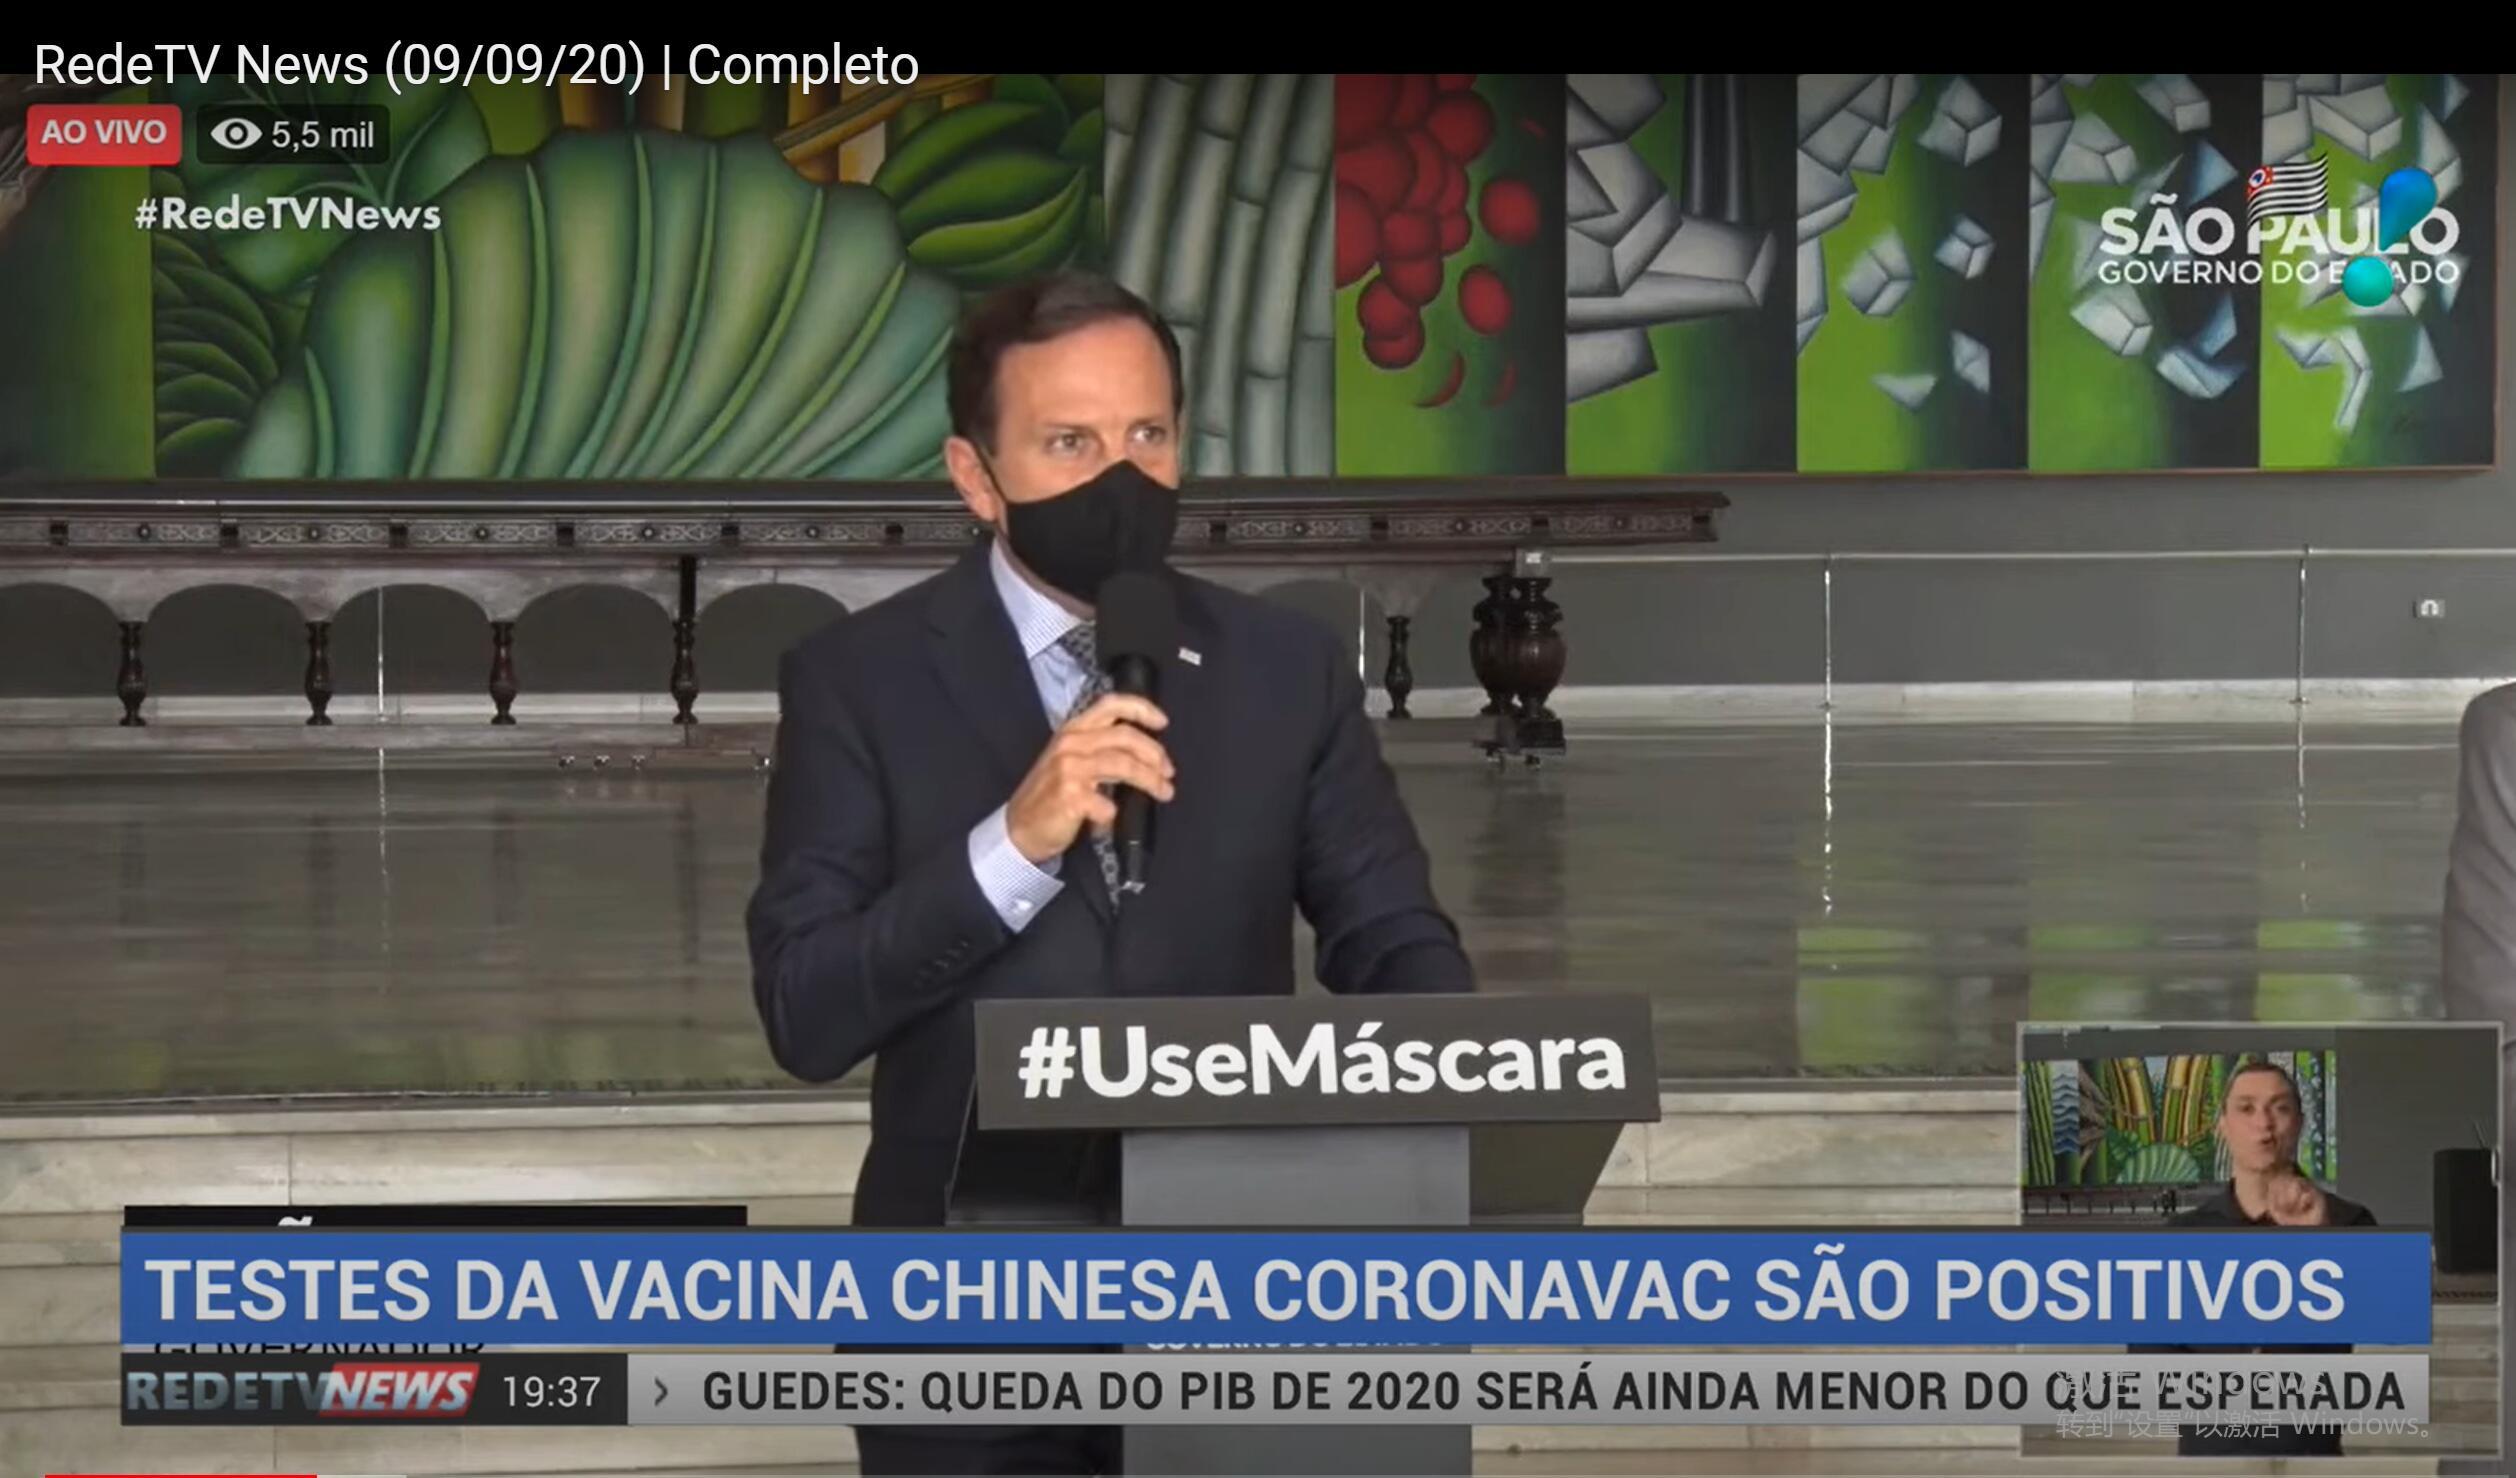 中國疫苗獲認可!聖保羅洲長申請巴西政府撥款進口-圖2